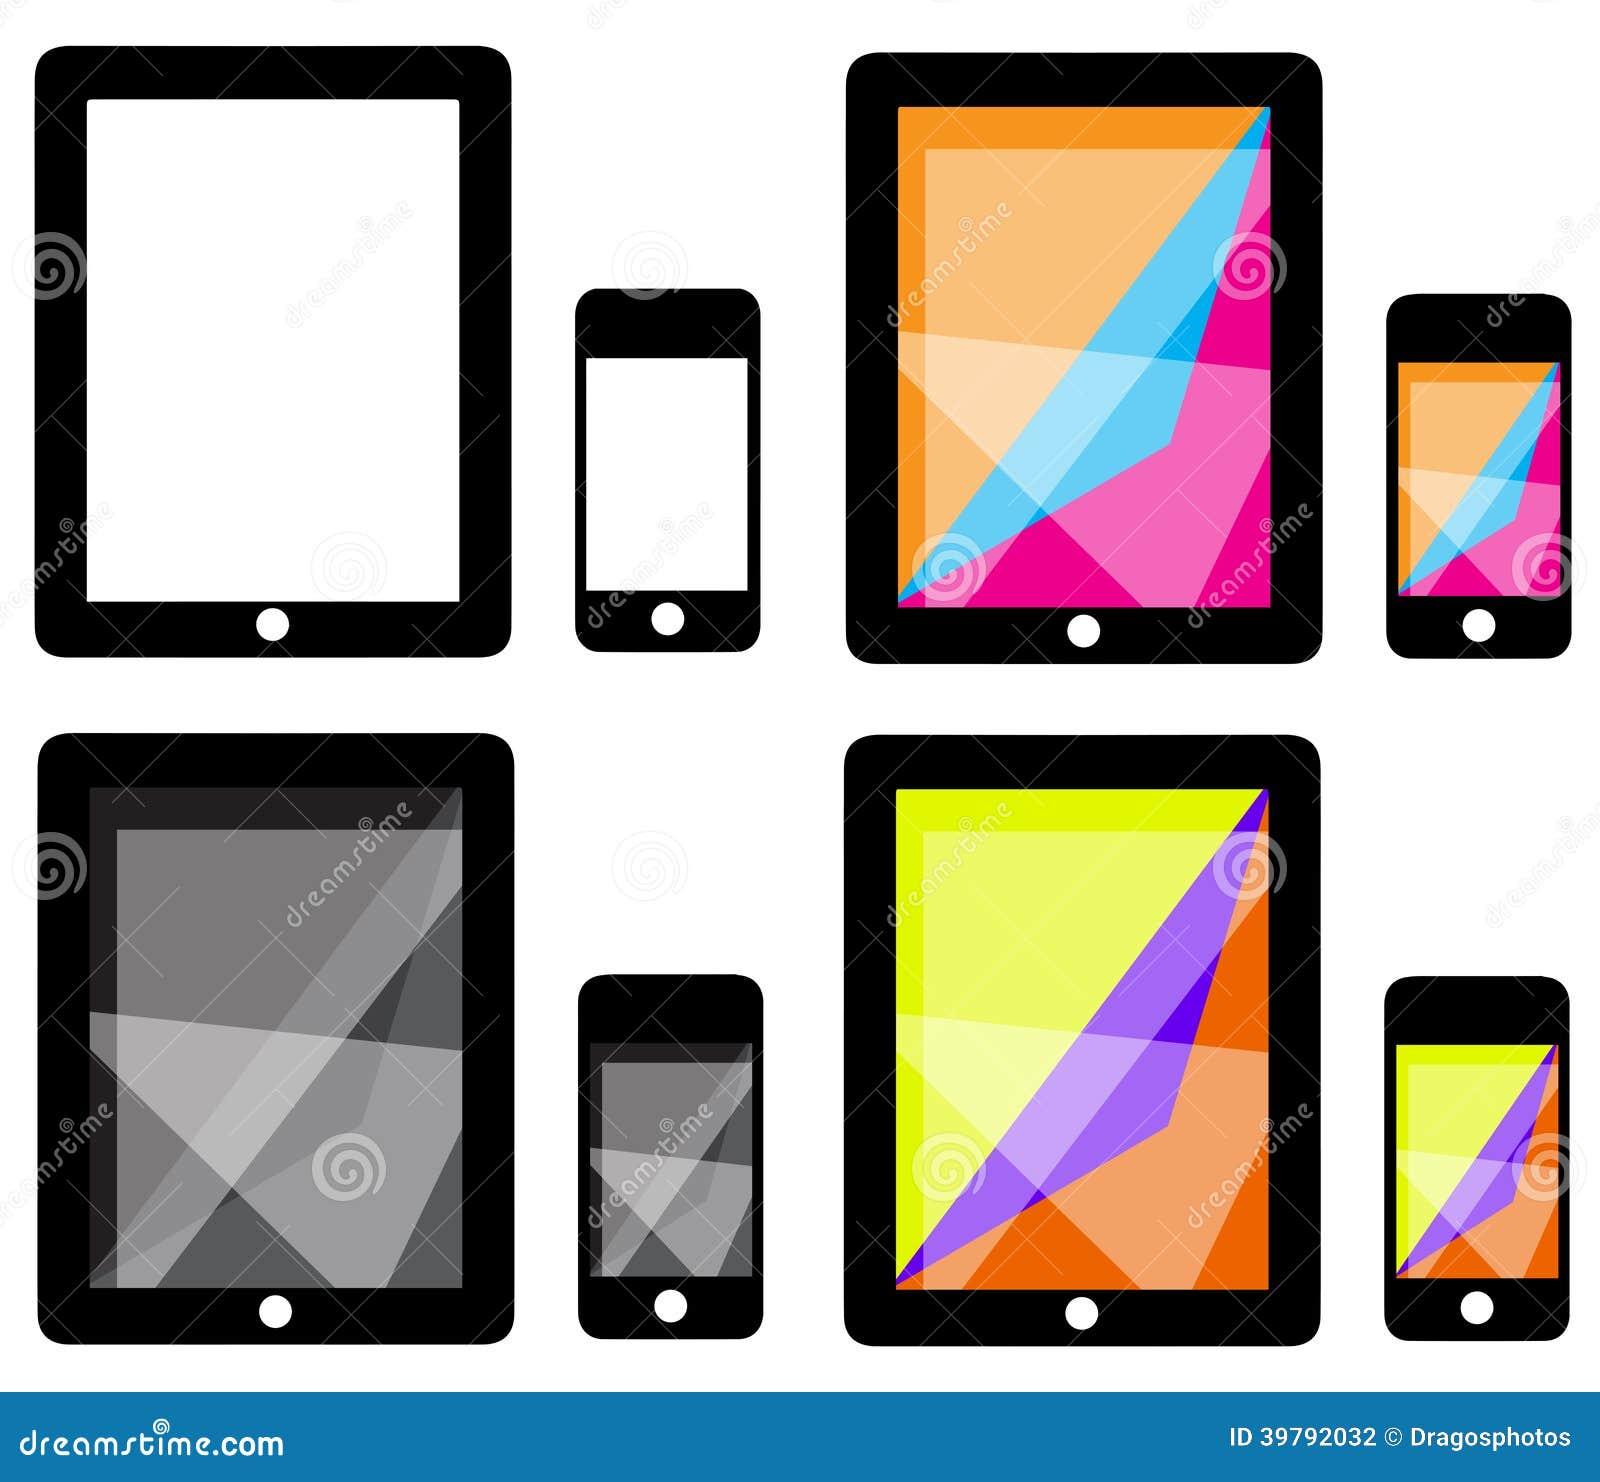 apple ipad clip art - photo #34